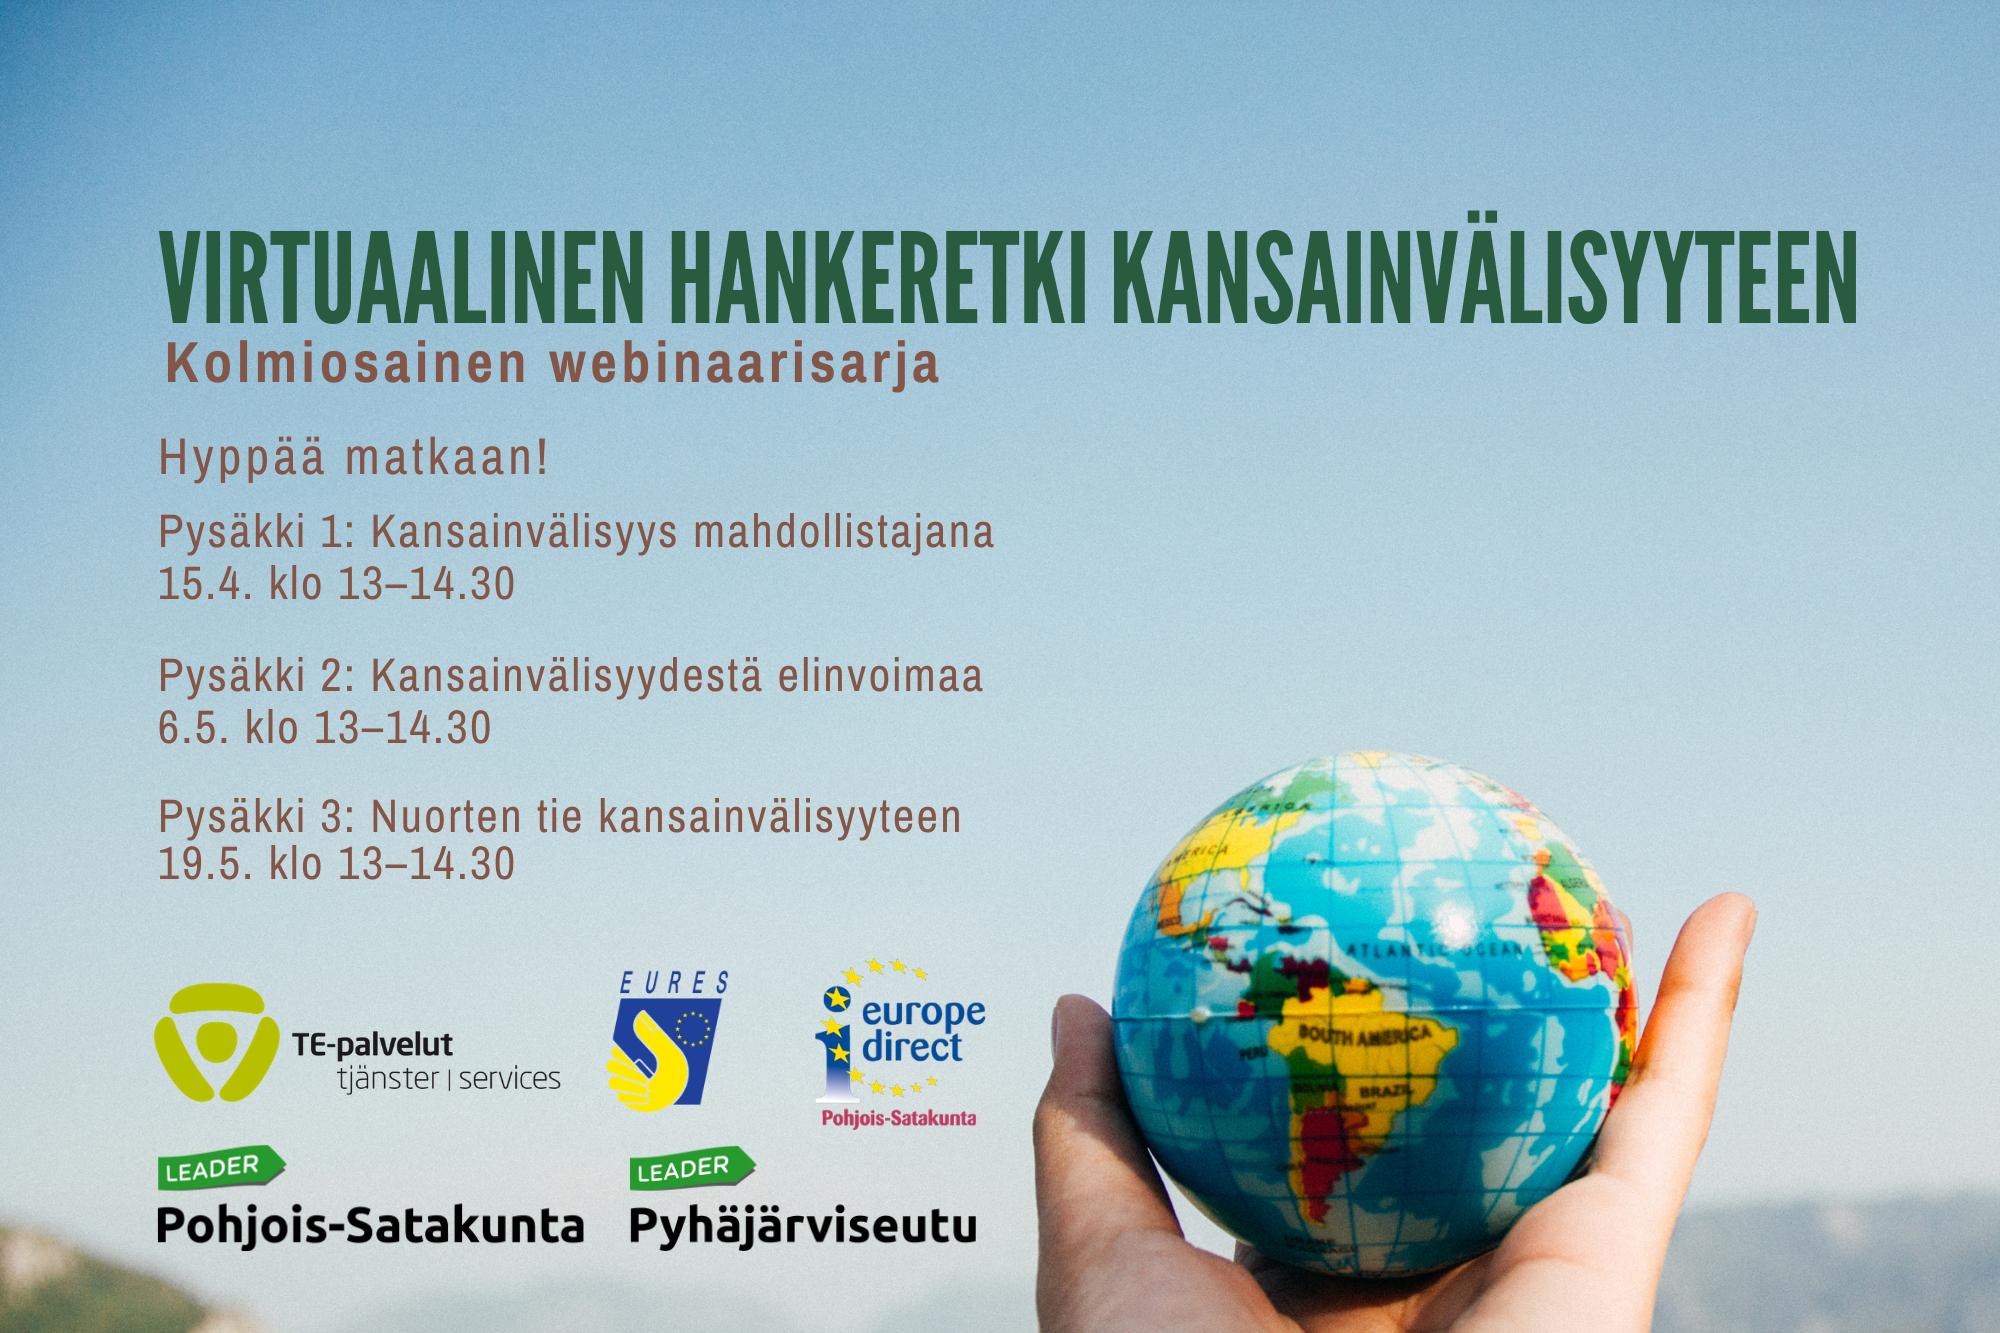 Virtuaalinen hankeretki kansainvälisyyteen webinaarisarja 15.4. 6.5. 19.5.